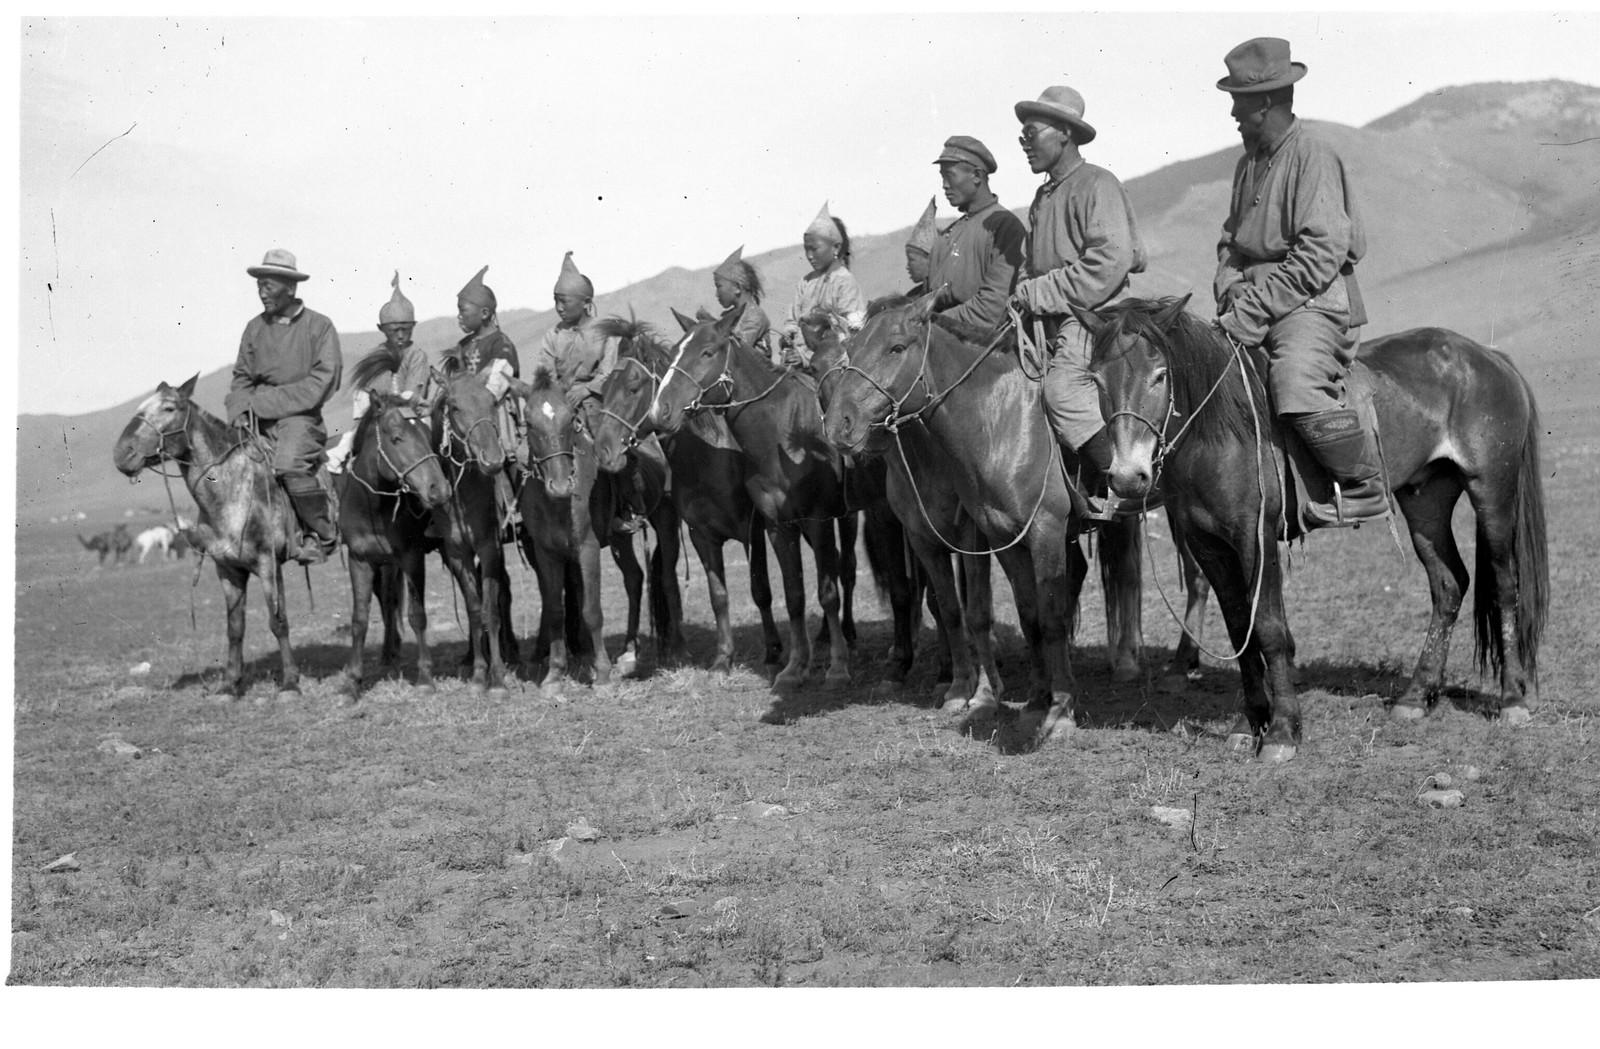 1930-е. Празднование Октябрьской революции в Улан-Баторе (5)